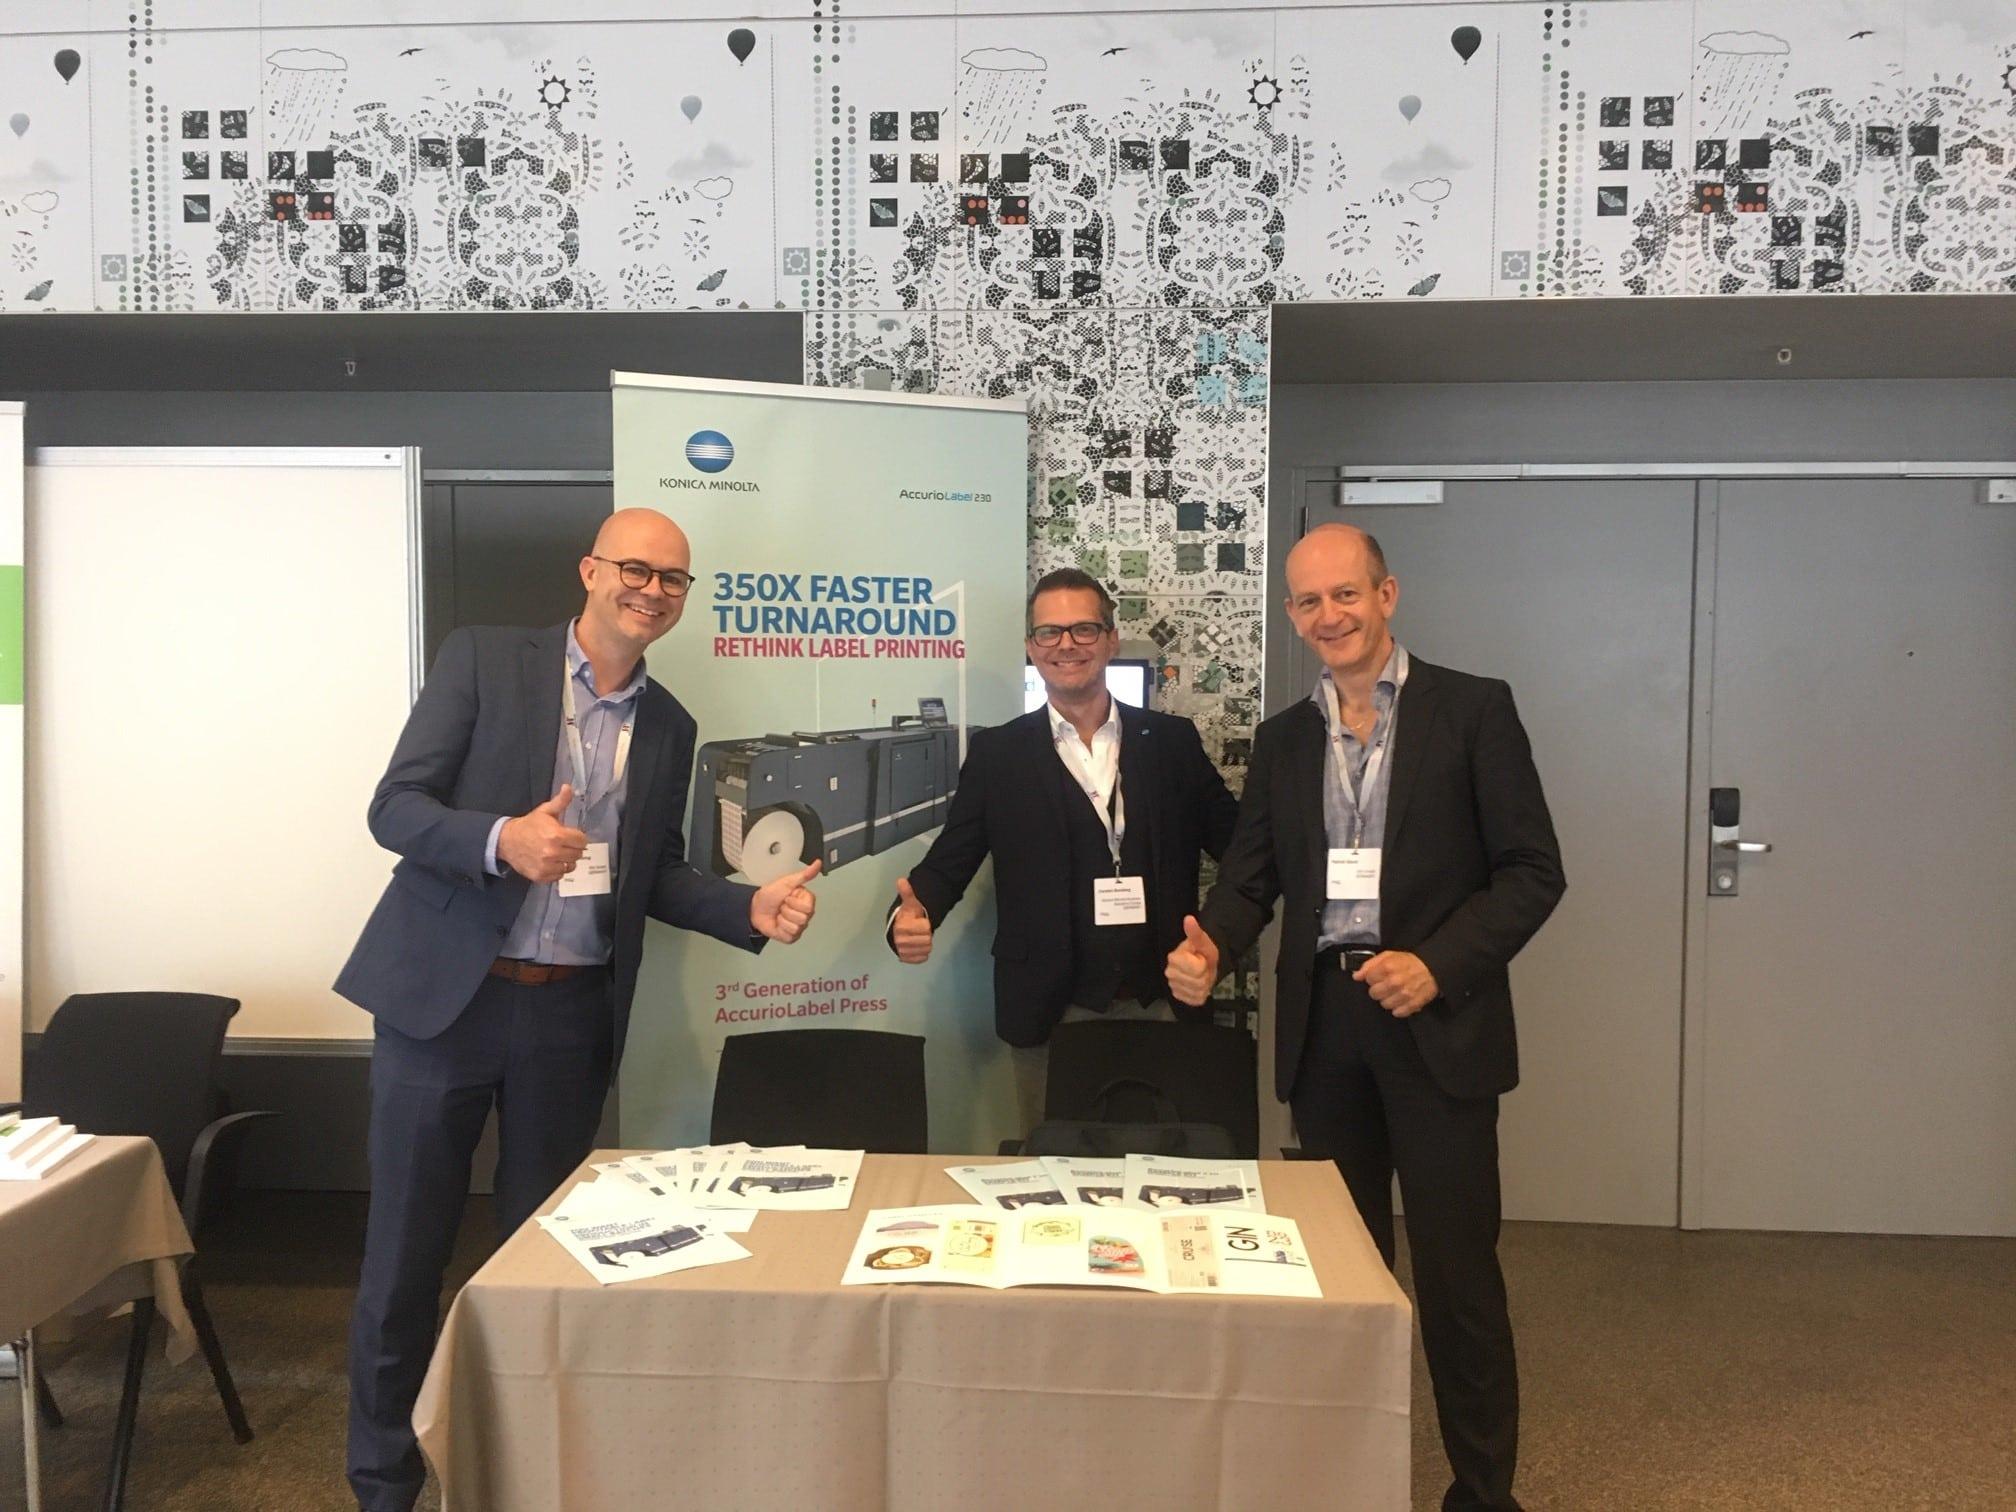 SIHL als Silber Sponsor beim European Label Forum in Kopenhagen